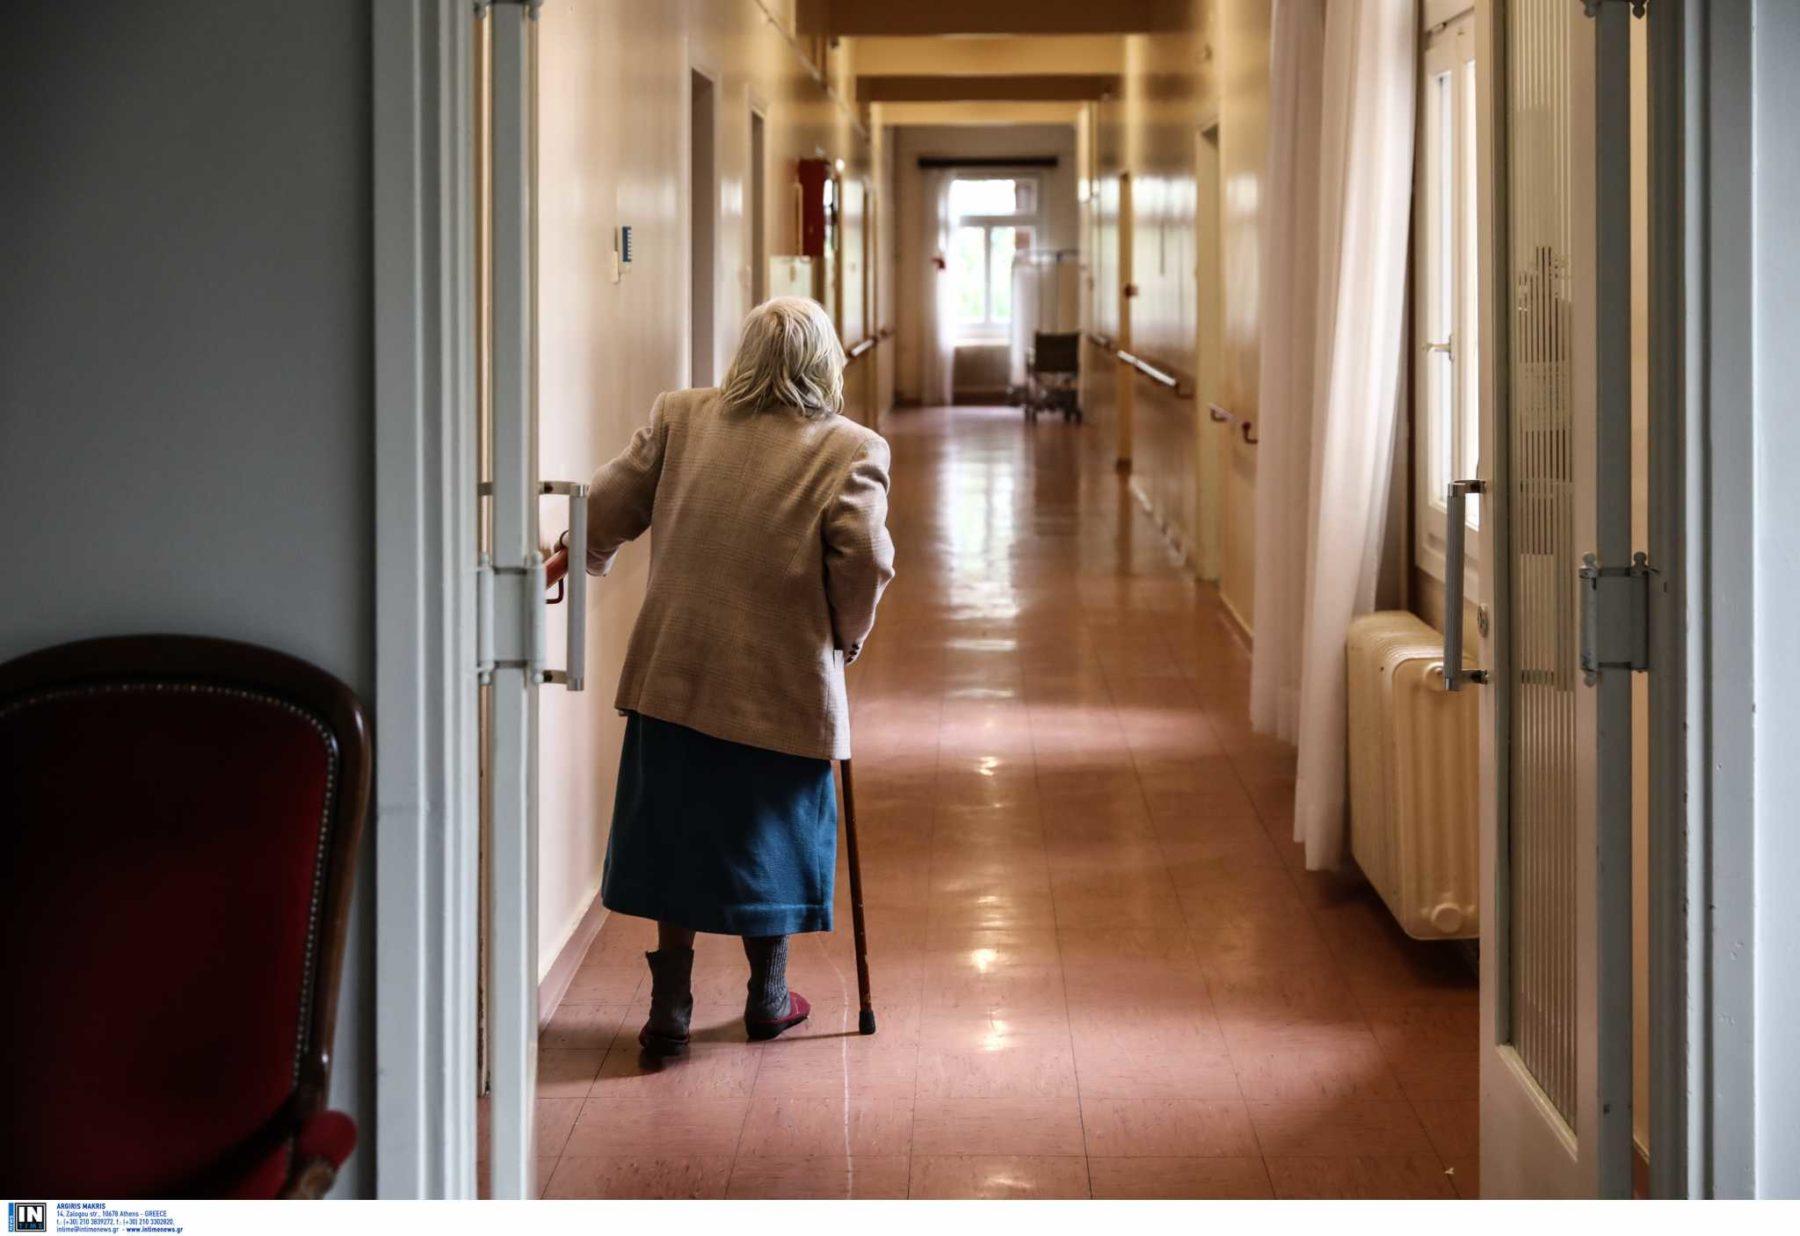 Γηροκομείο στα Χανιά: Ανατριχιαστικές αποκαλύψεις στο φως της δημοσιότητας